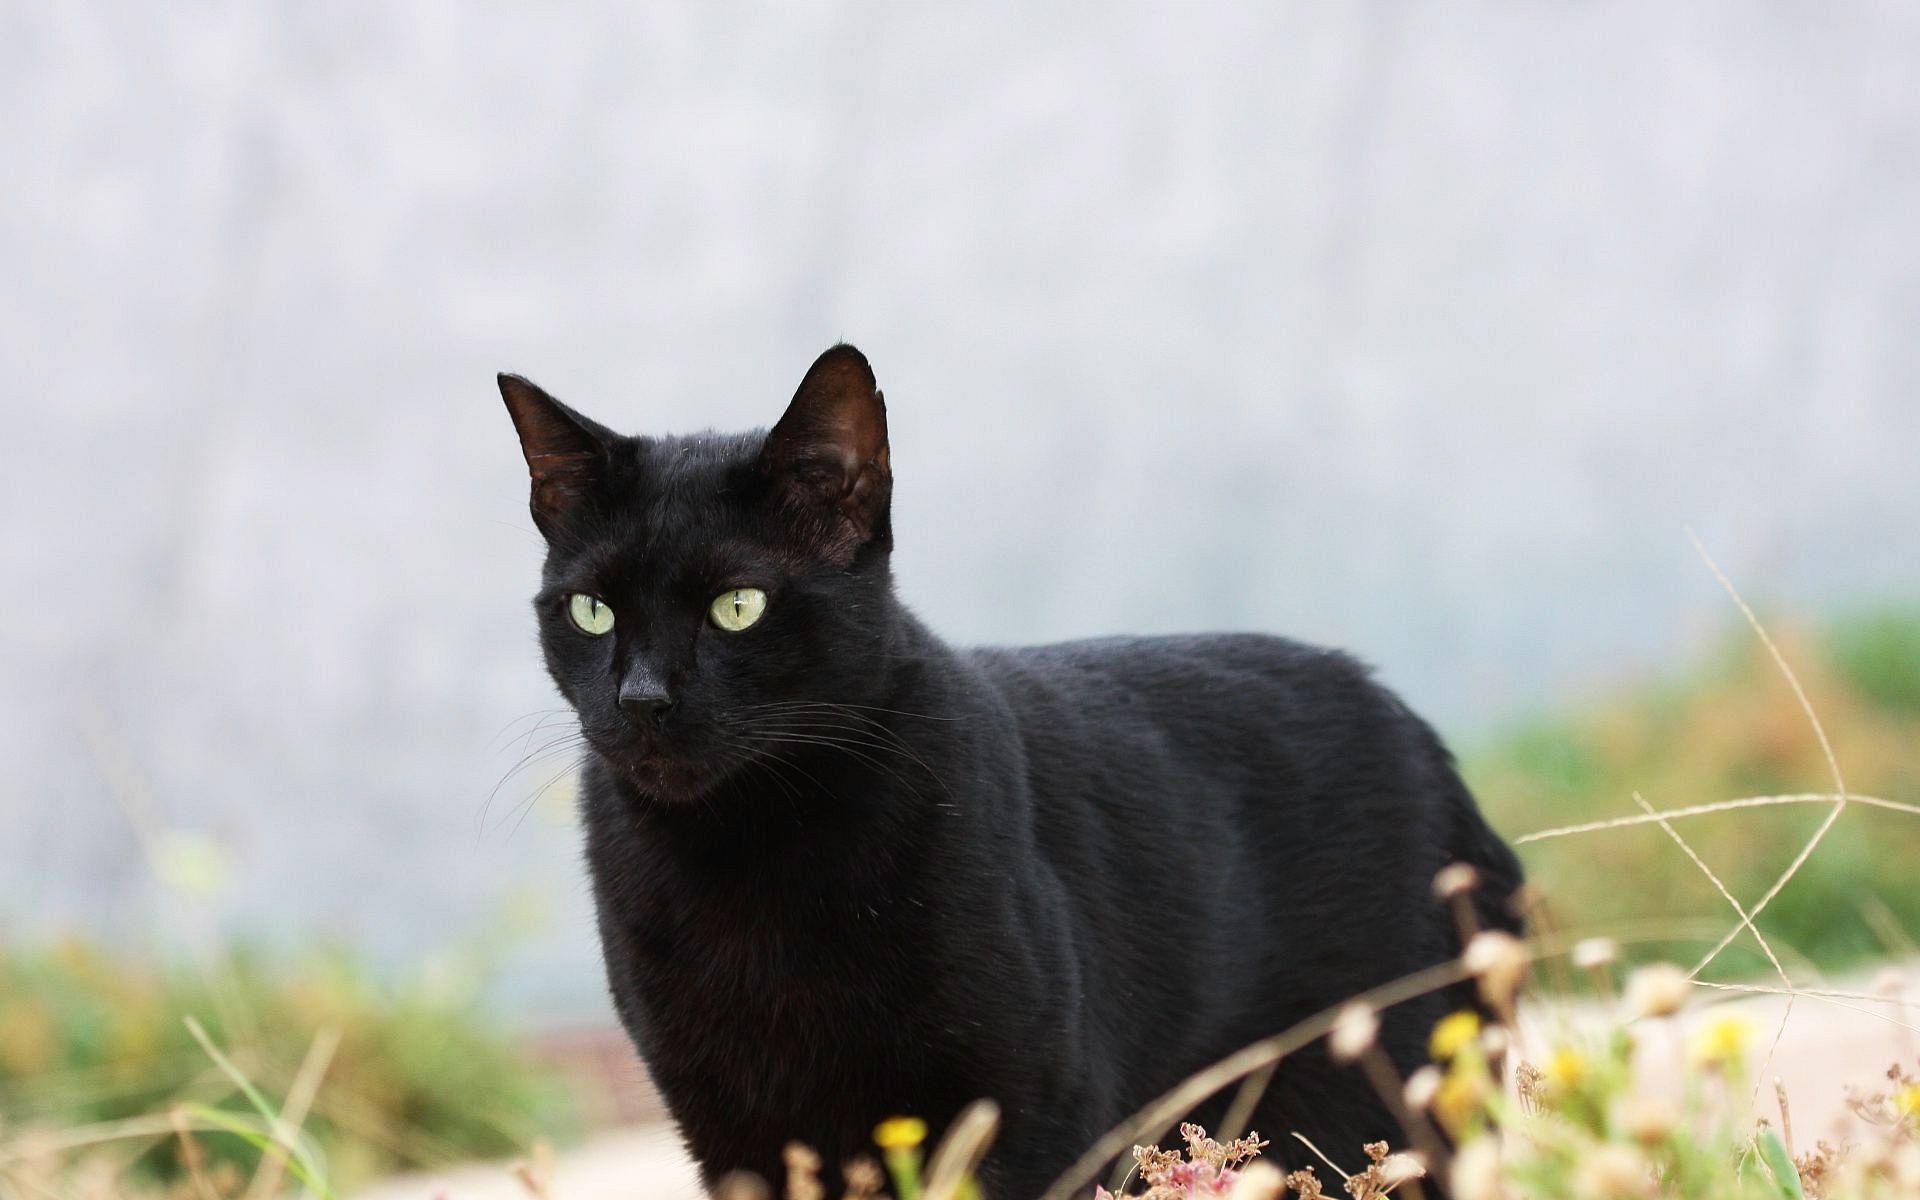 природа животные кот котенок черный  № 654398 бесплатно